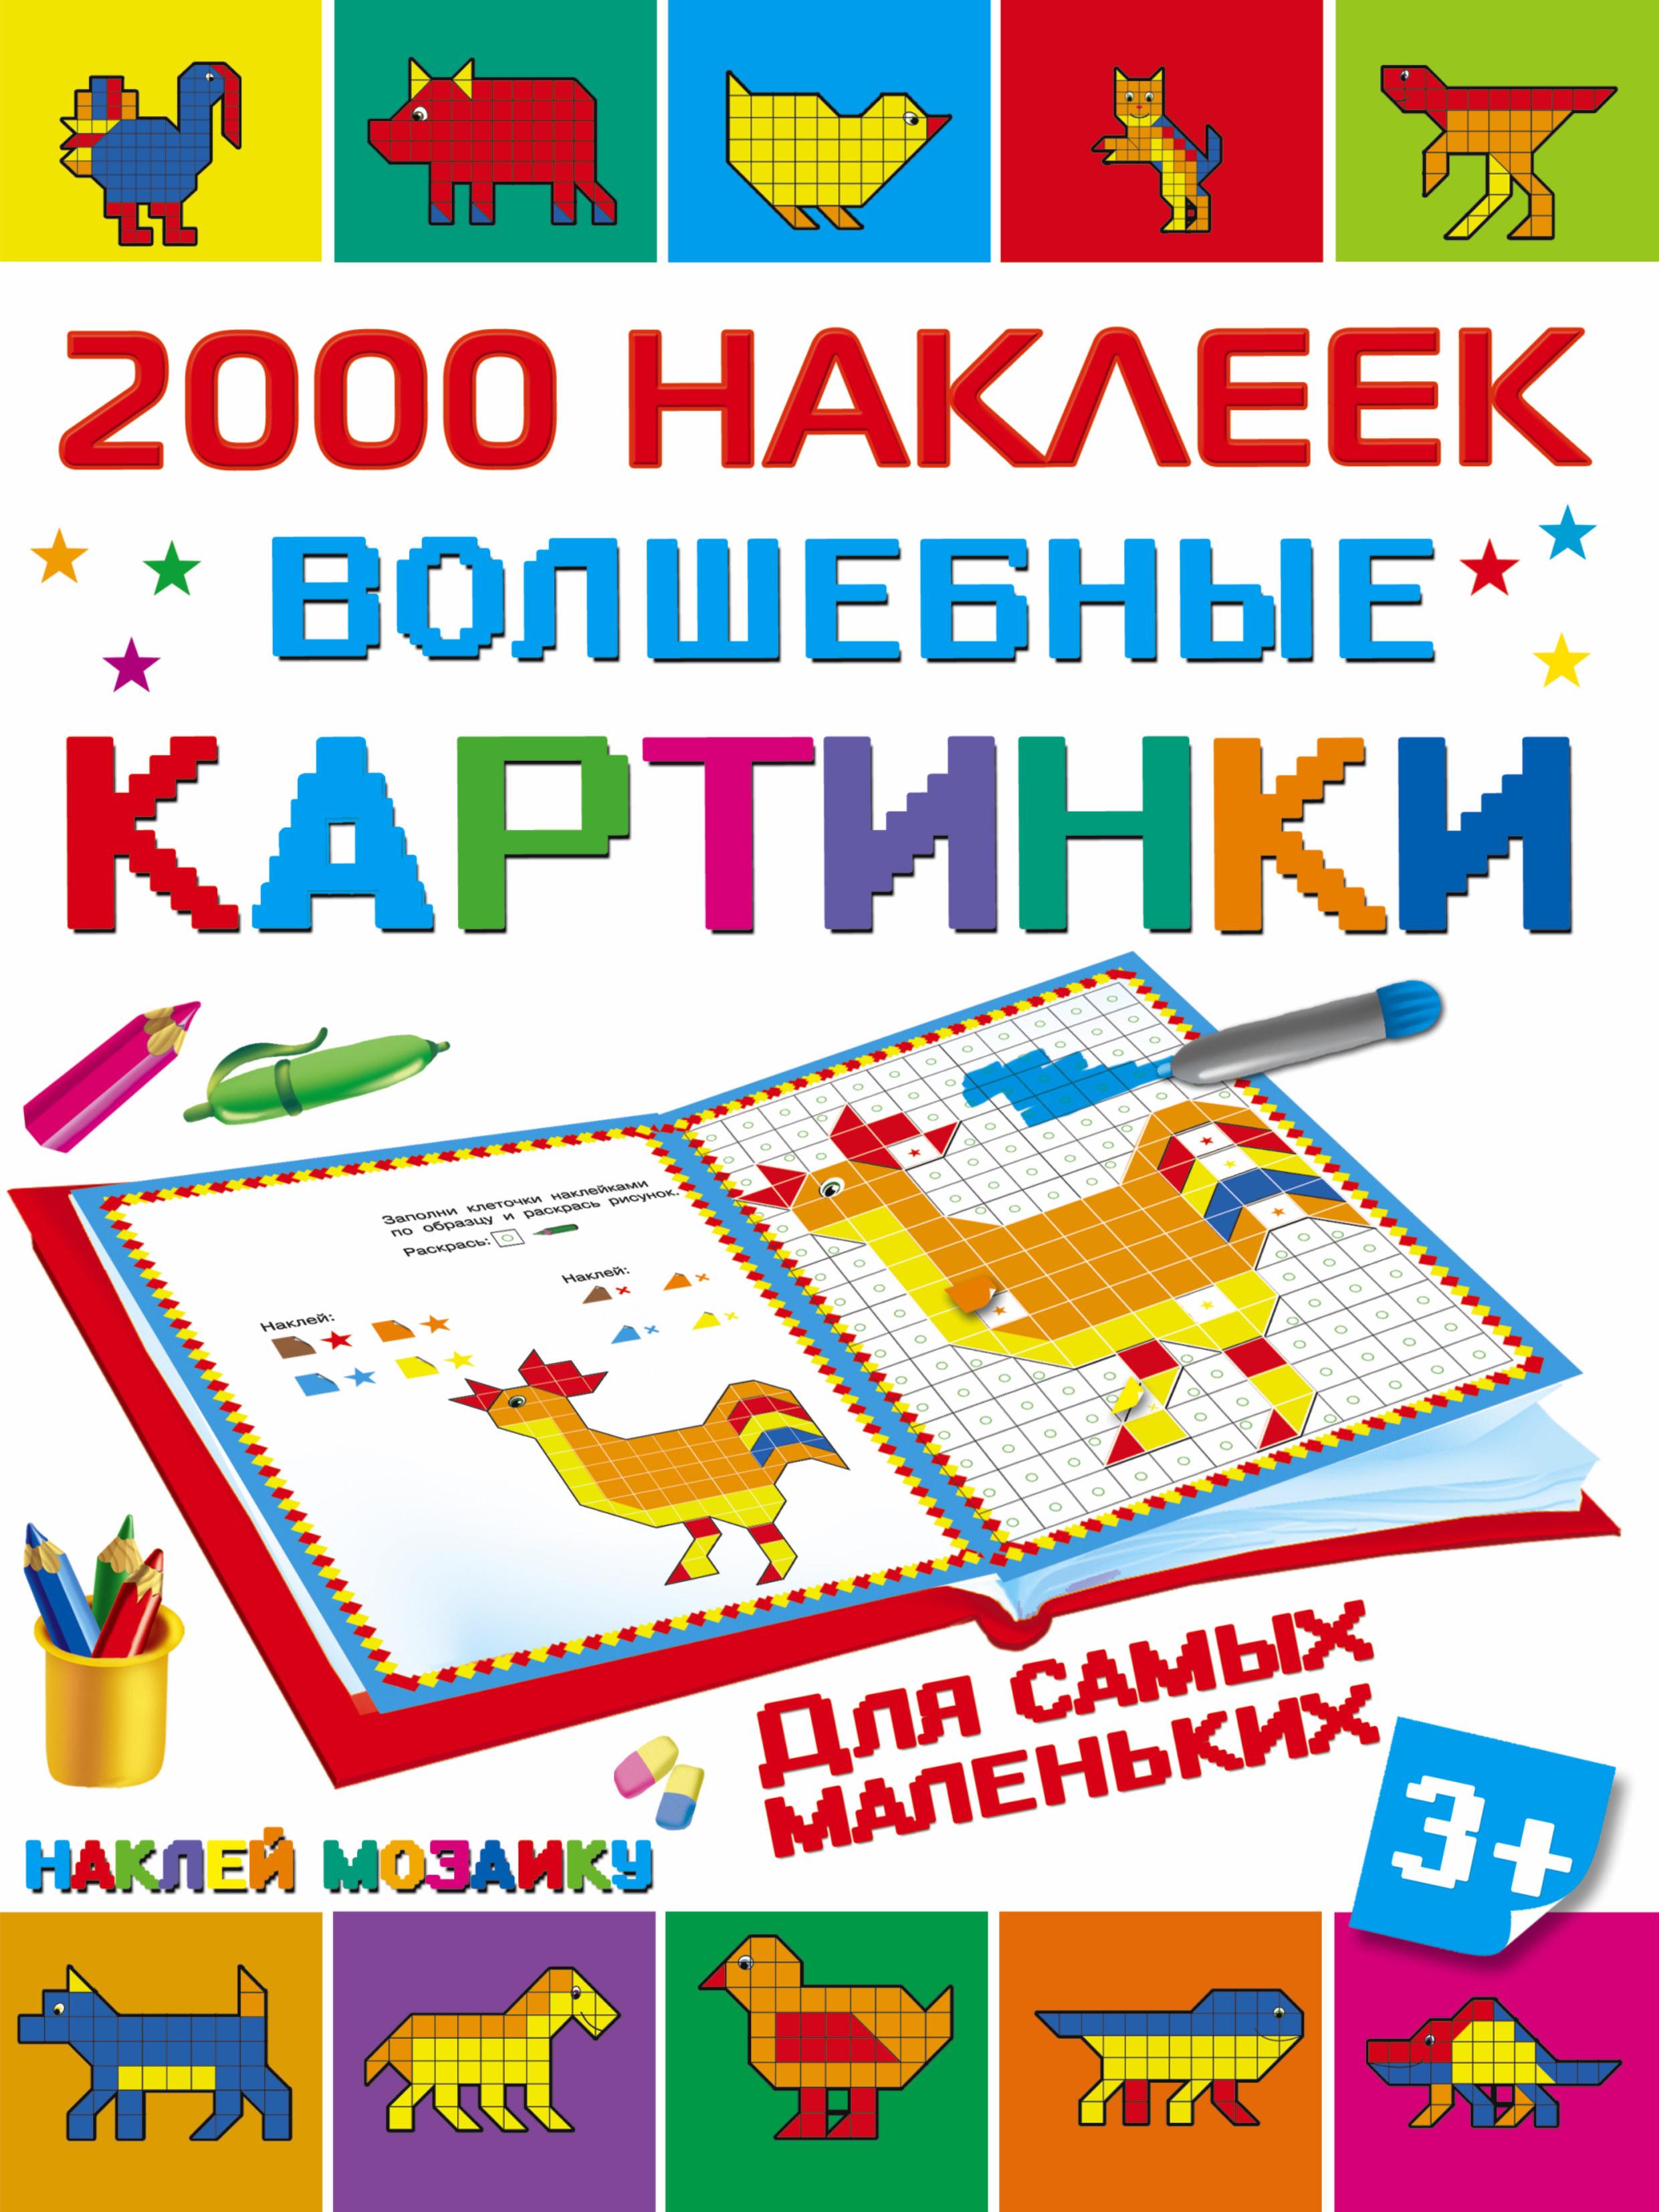 9785171015046 - Глотова М.Д.: Волшебные картинки для самых маленьких - Книга